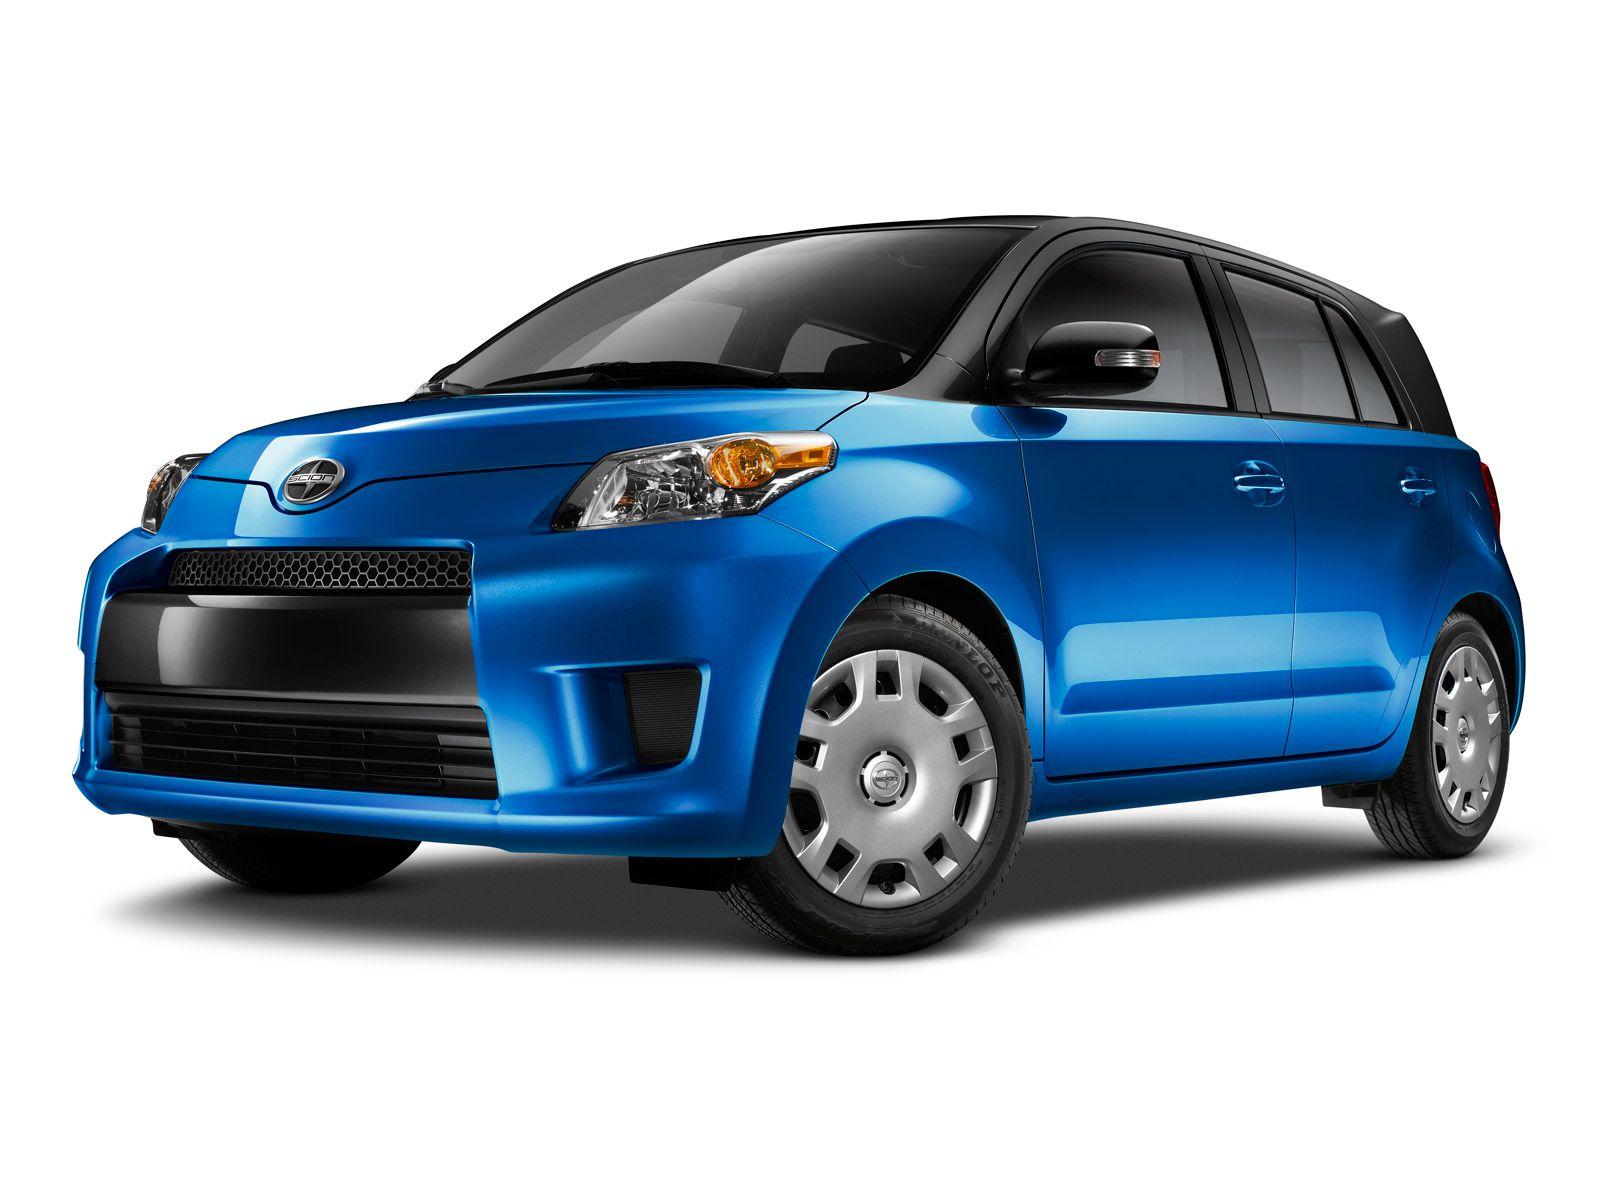 Scion xD cars compact auto rocklandscion rockland